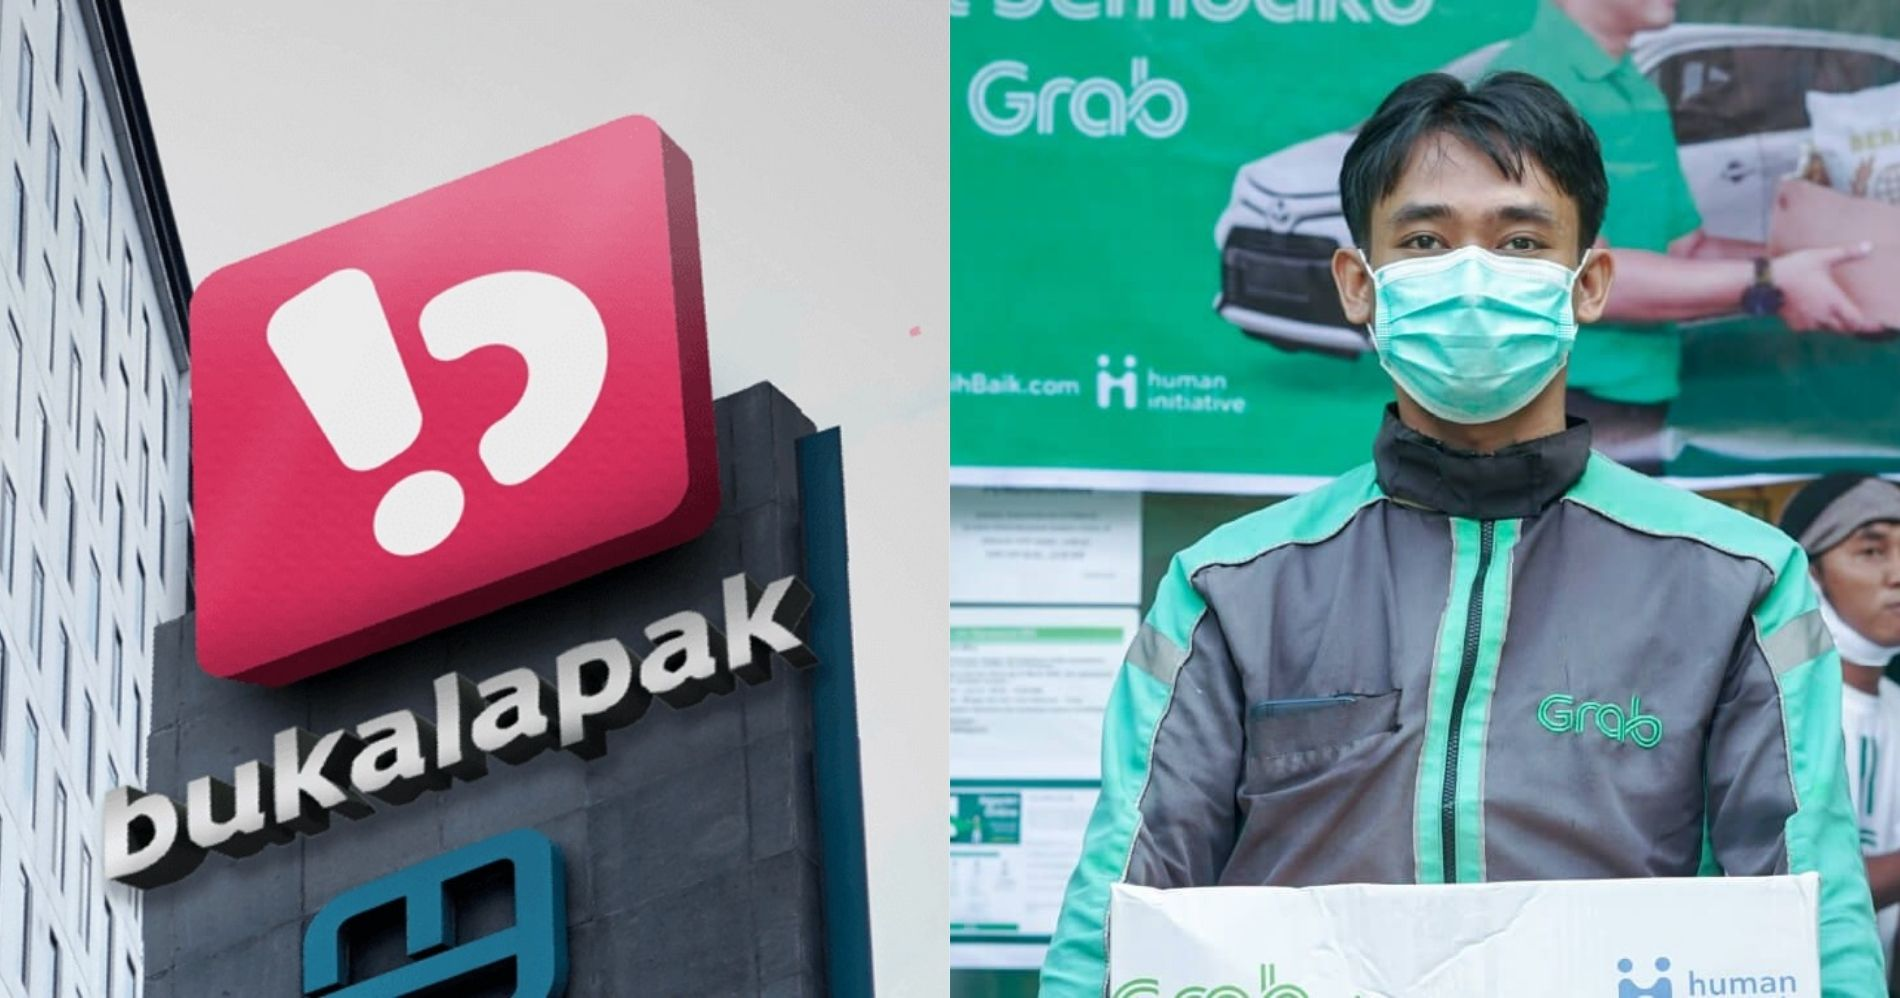 EMTK Kerjasama dengan Grab Lewat Bukalapak Illustration Web Bisnis Muda - Image: wikimedia - Grab Indonesia